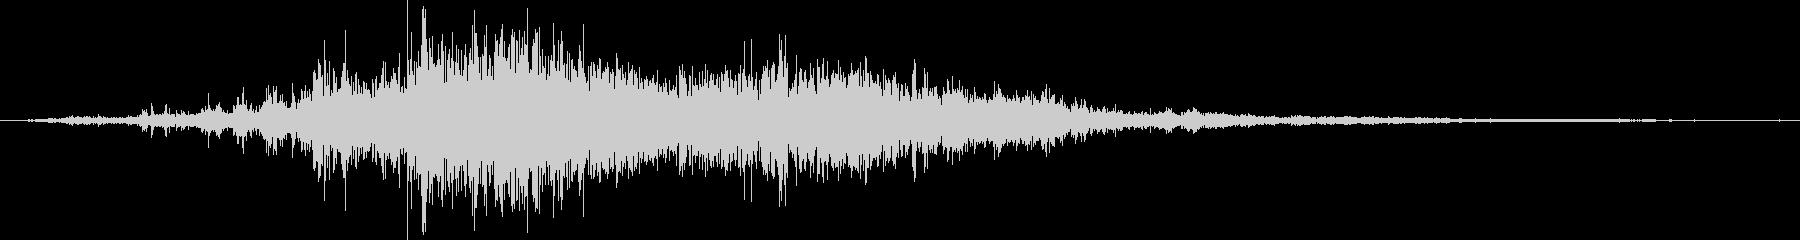 リーフ:ヘビーインパクトクランチプ...の未再生の波形